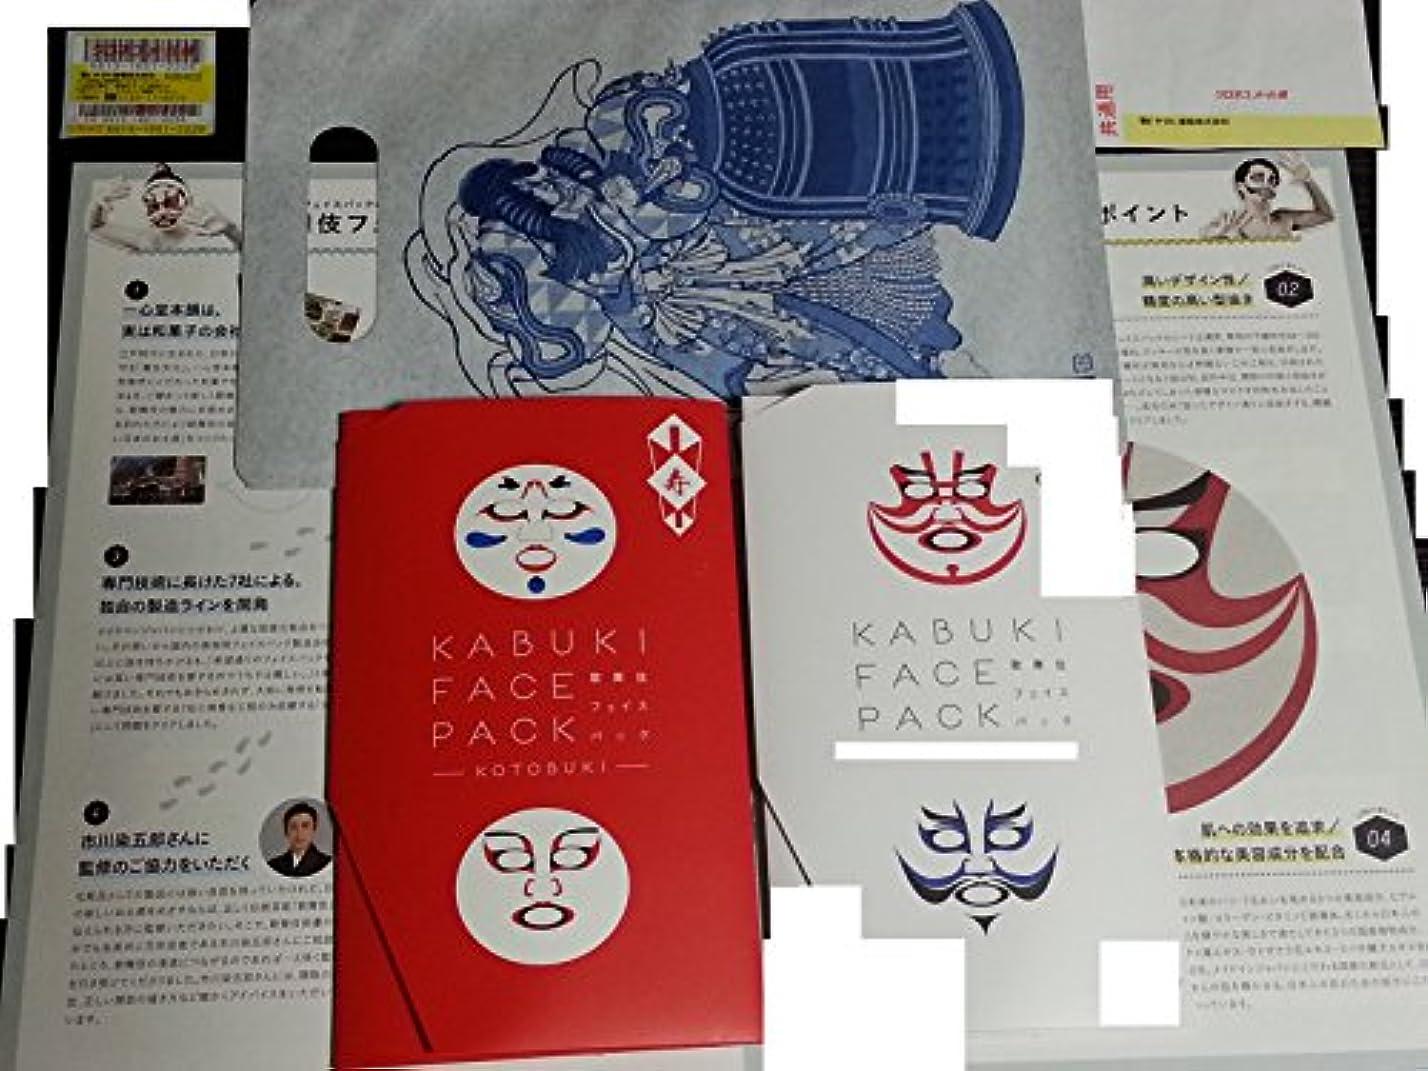 フットボール心配するまもなく歌舞伎フェイスパック セット  KABUKI FACE PACK -ISESHIMA- & -KOTOBUKI- (伊勢志摩&寿)全2点セット